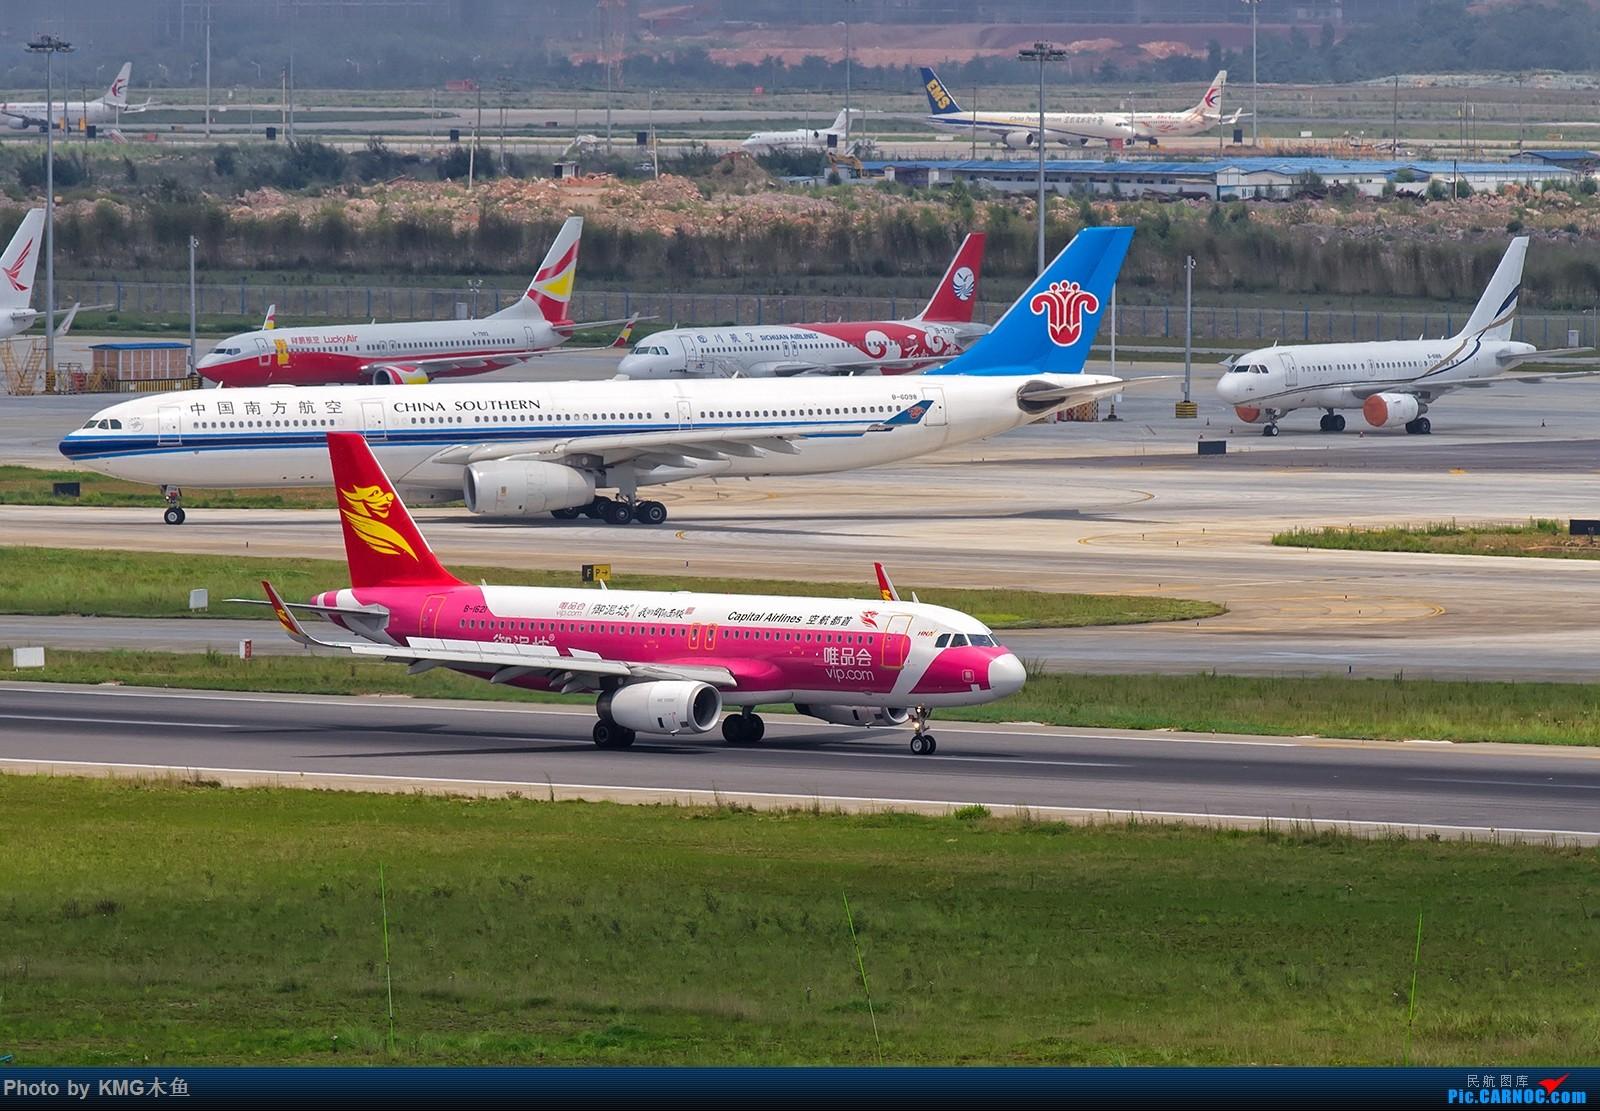 Re:【昆明长水国际机场——KMG木鱼拍机】第一次大中午的拍飞机,还好宽体比较多,也算是值得了 AIRBUS A320-200 B-1621 中国昆明长水国际机场